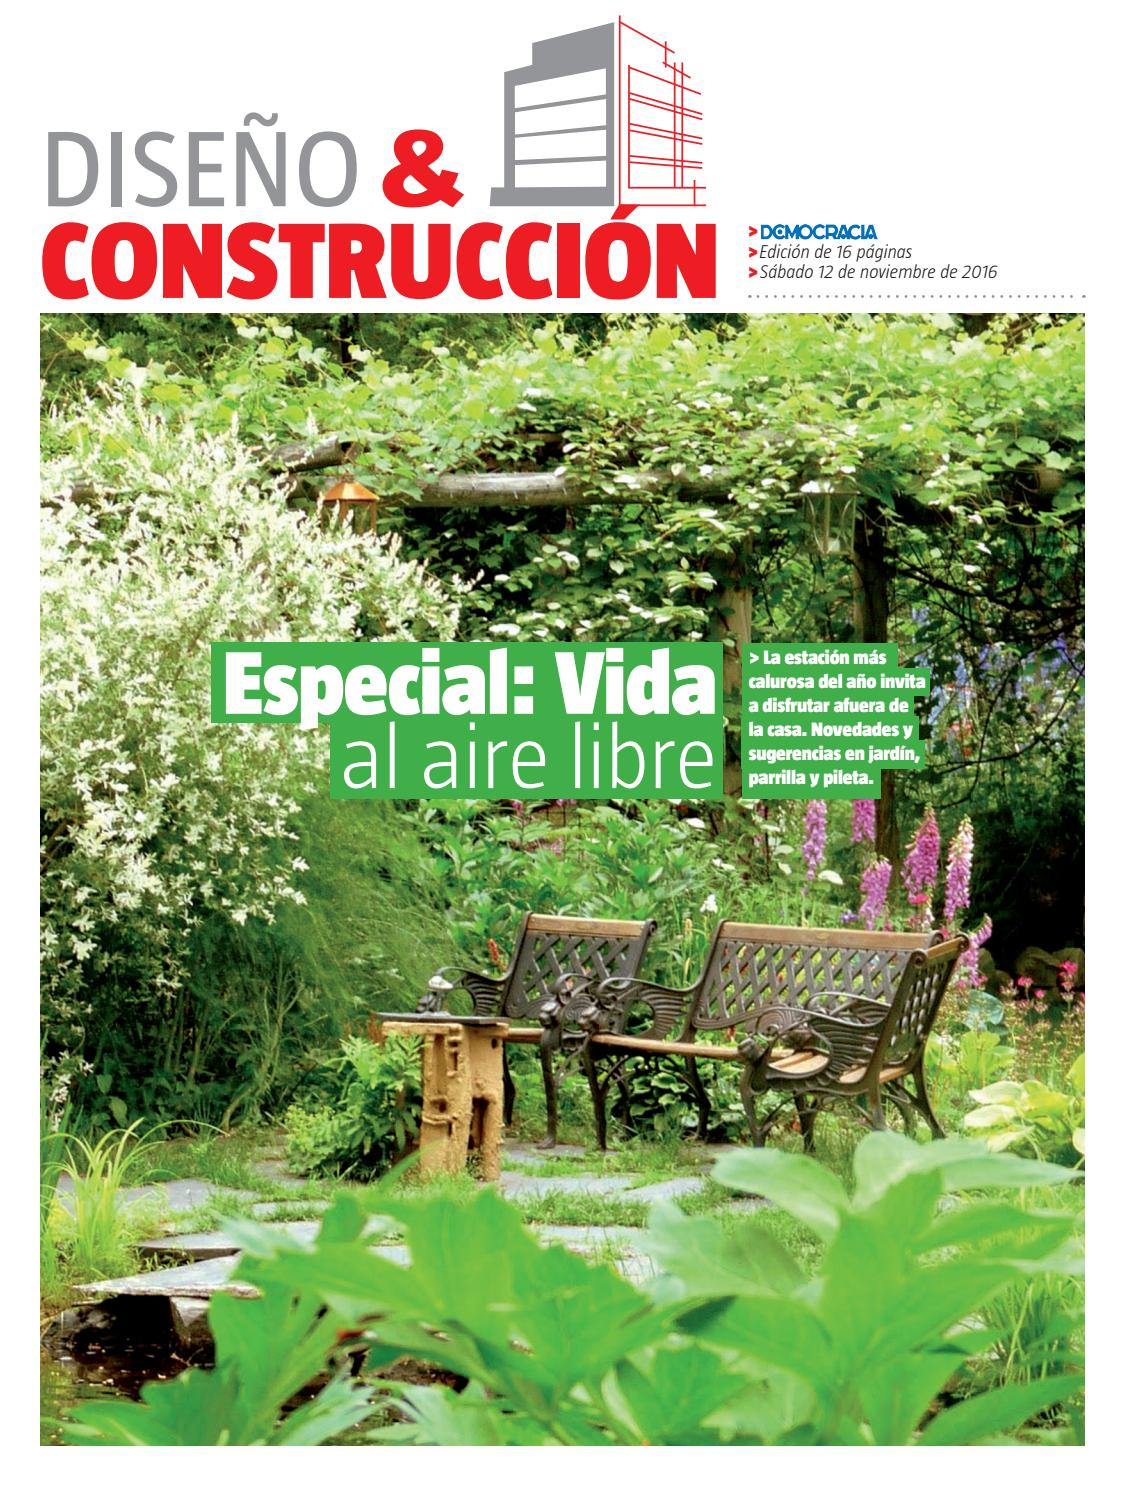 Diseño y Construcción 12-11-16 by Democracia - issuu